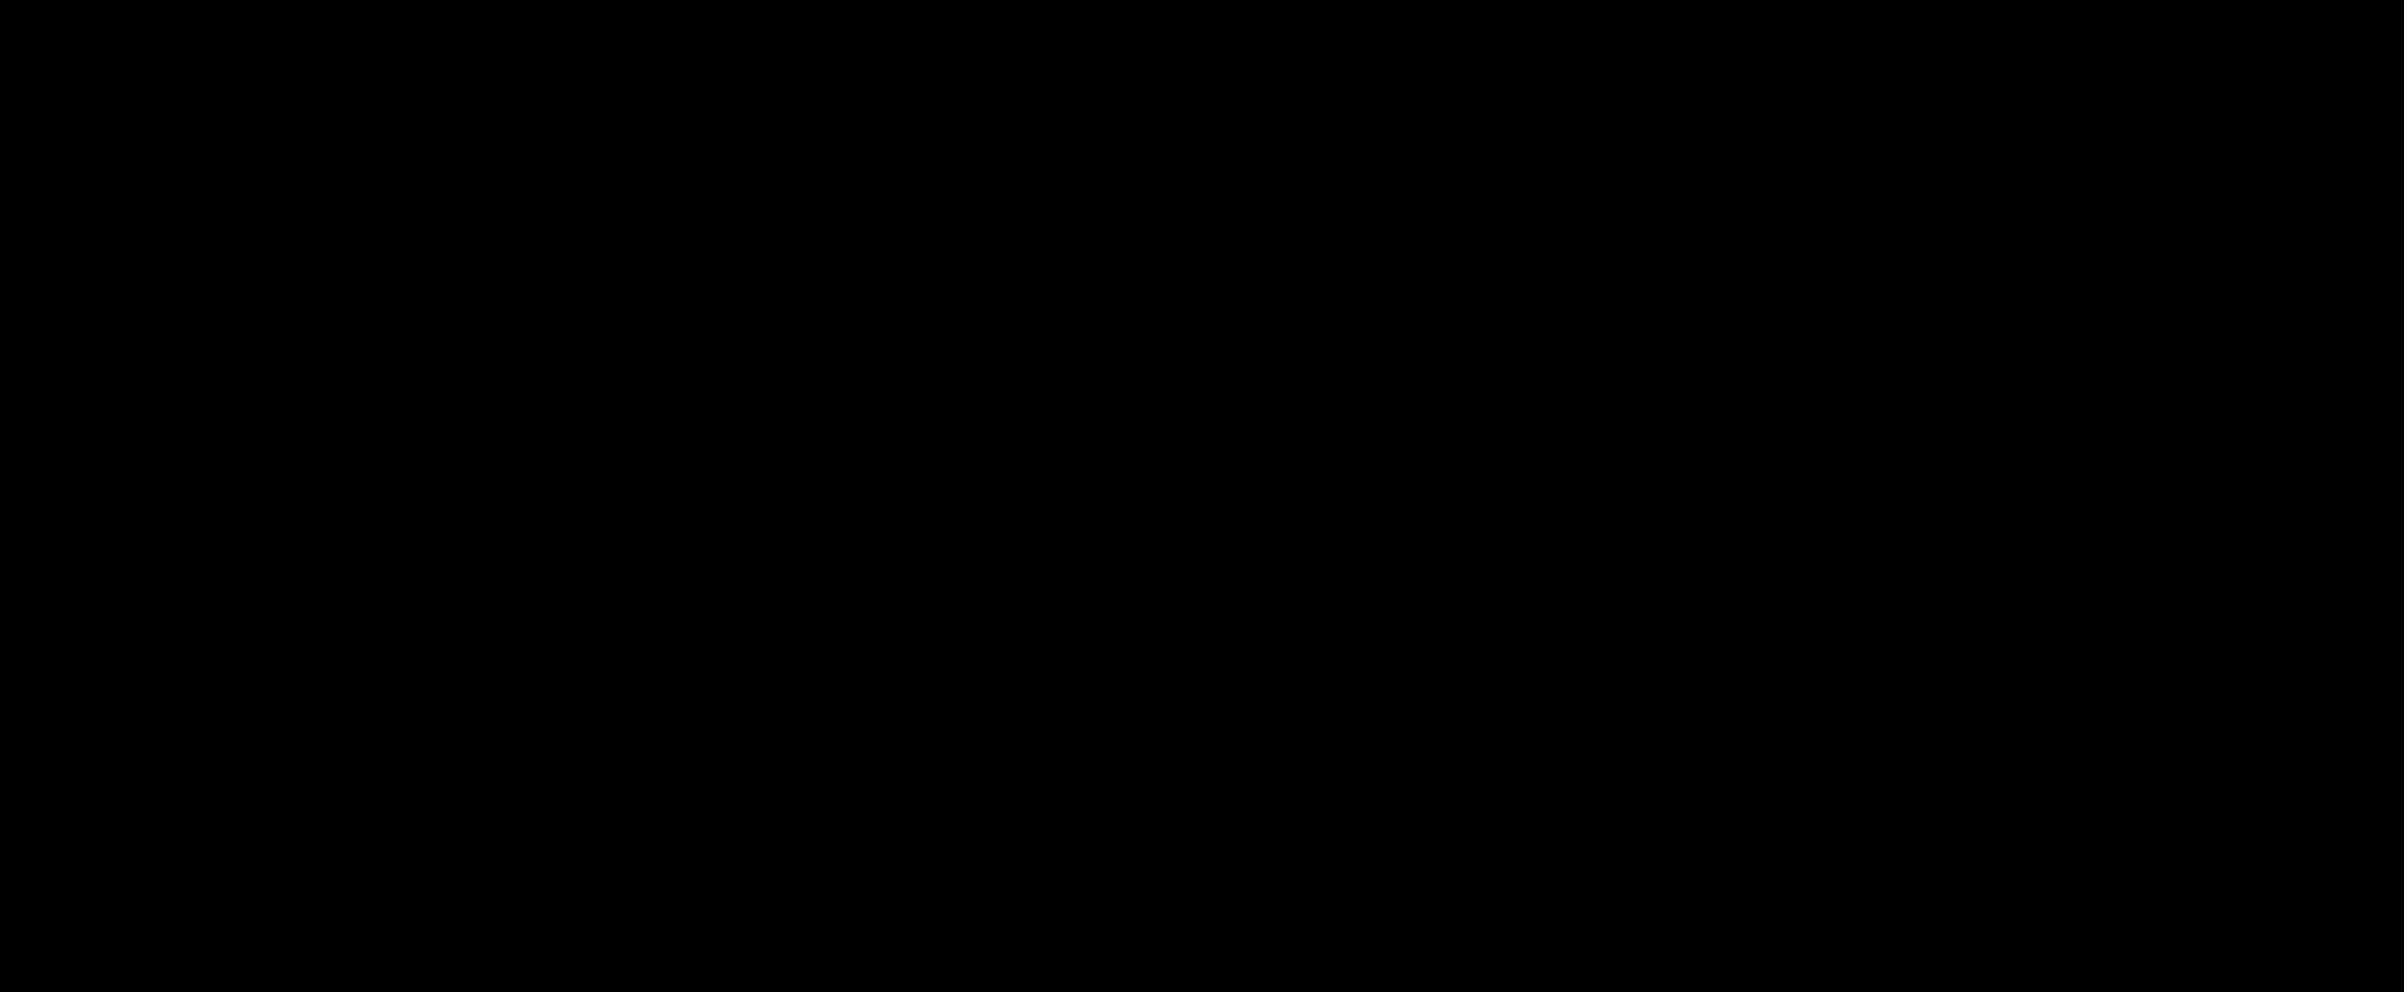 3-O-Dansyl-d<sub>6</sub>-ethynylestradiol